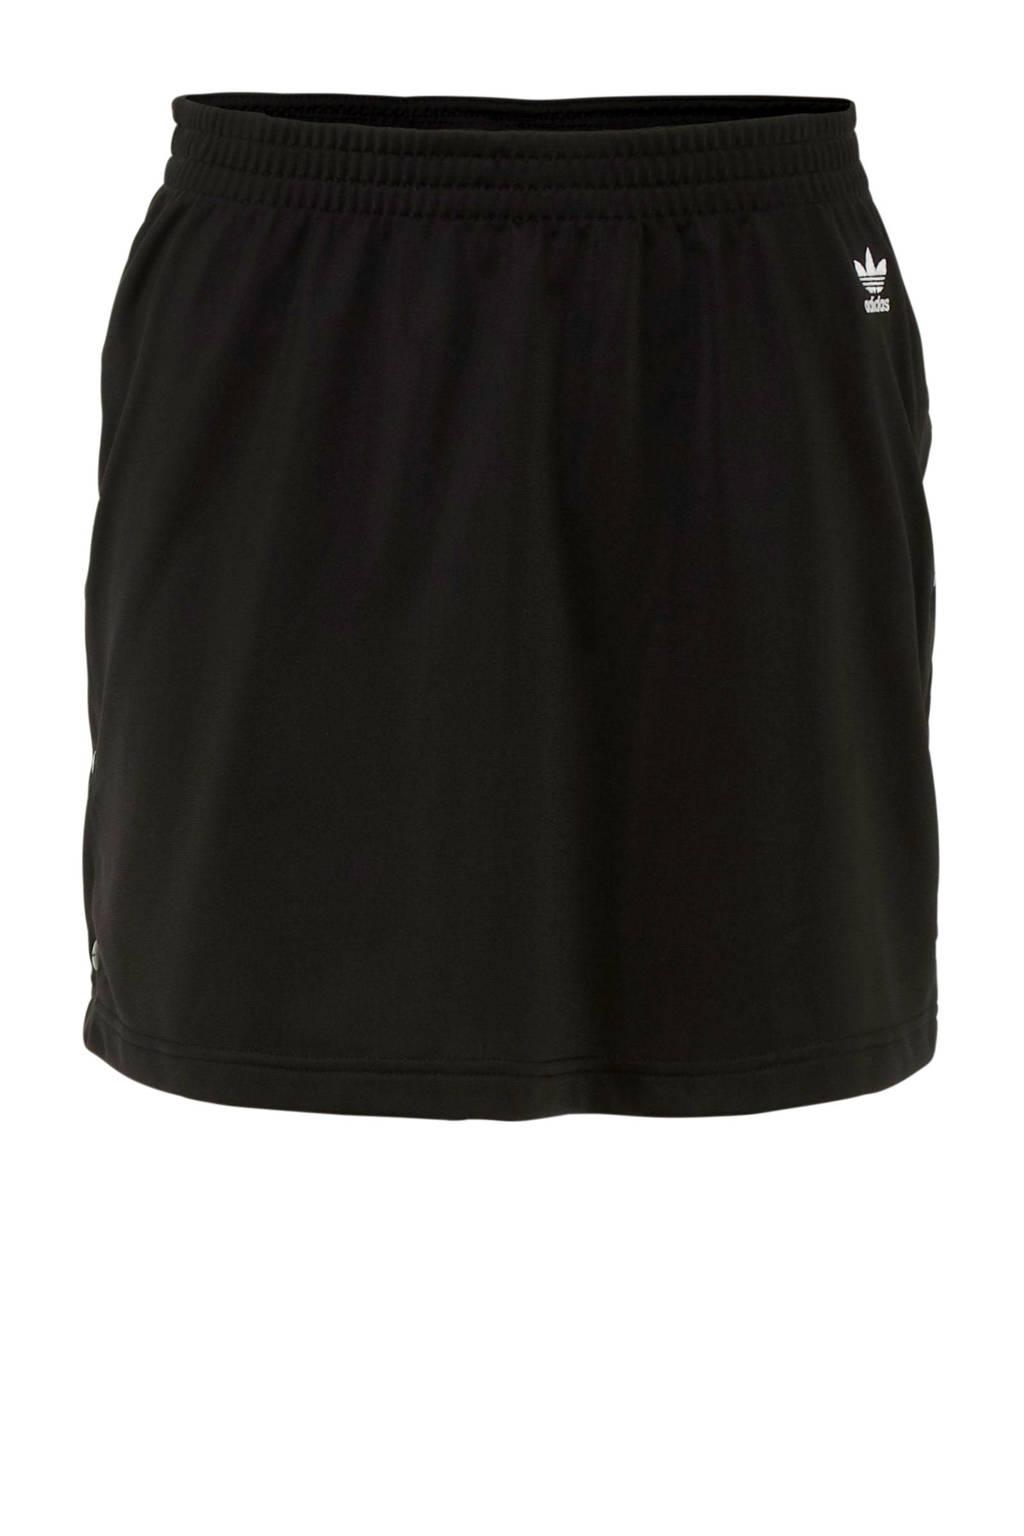 adidas originals rok zwart, Zwart